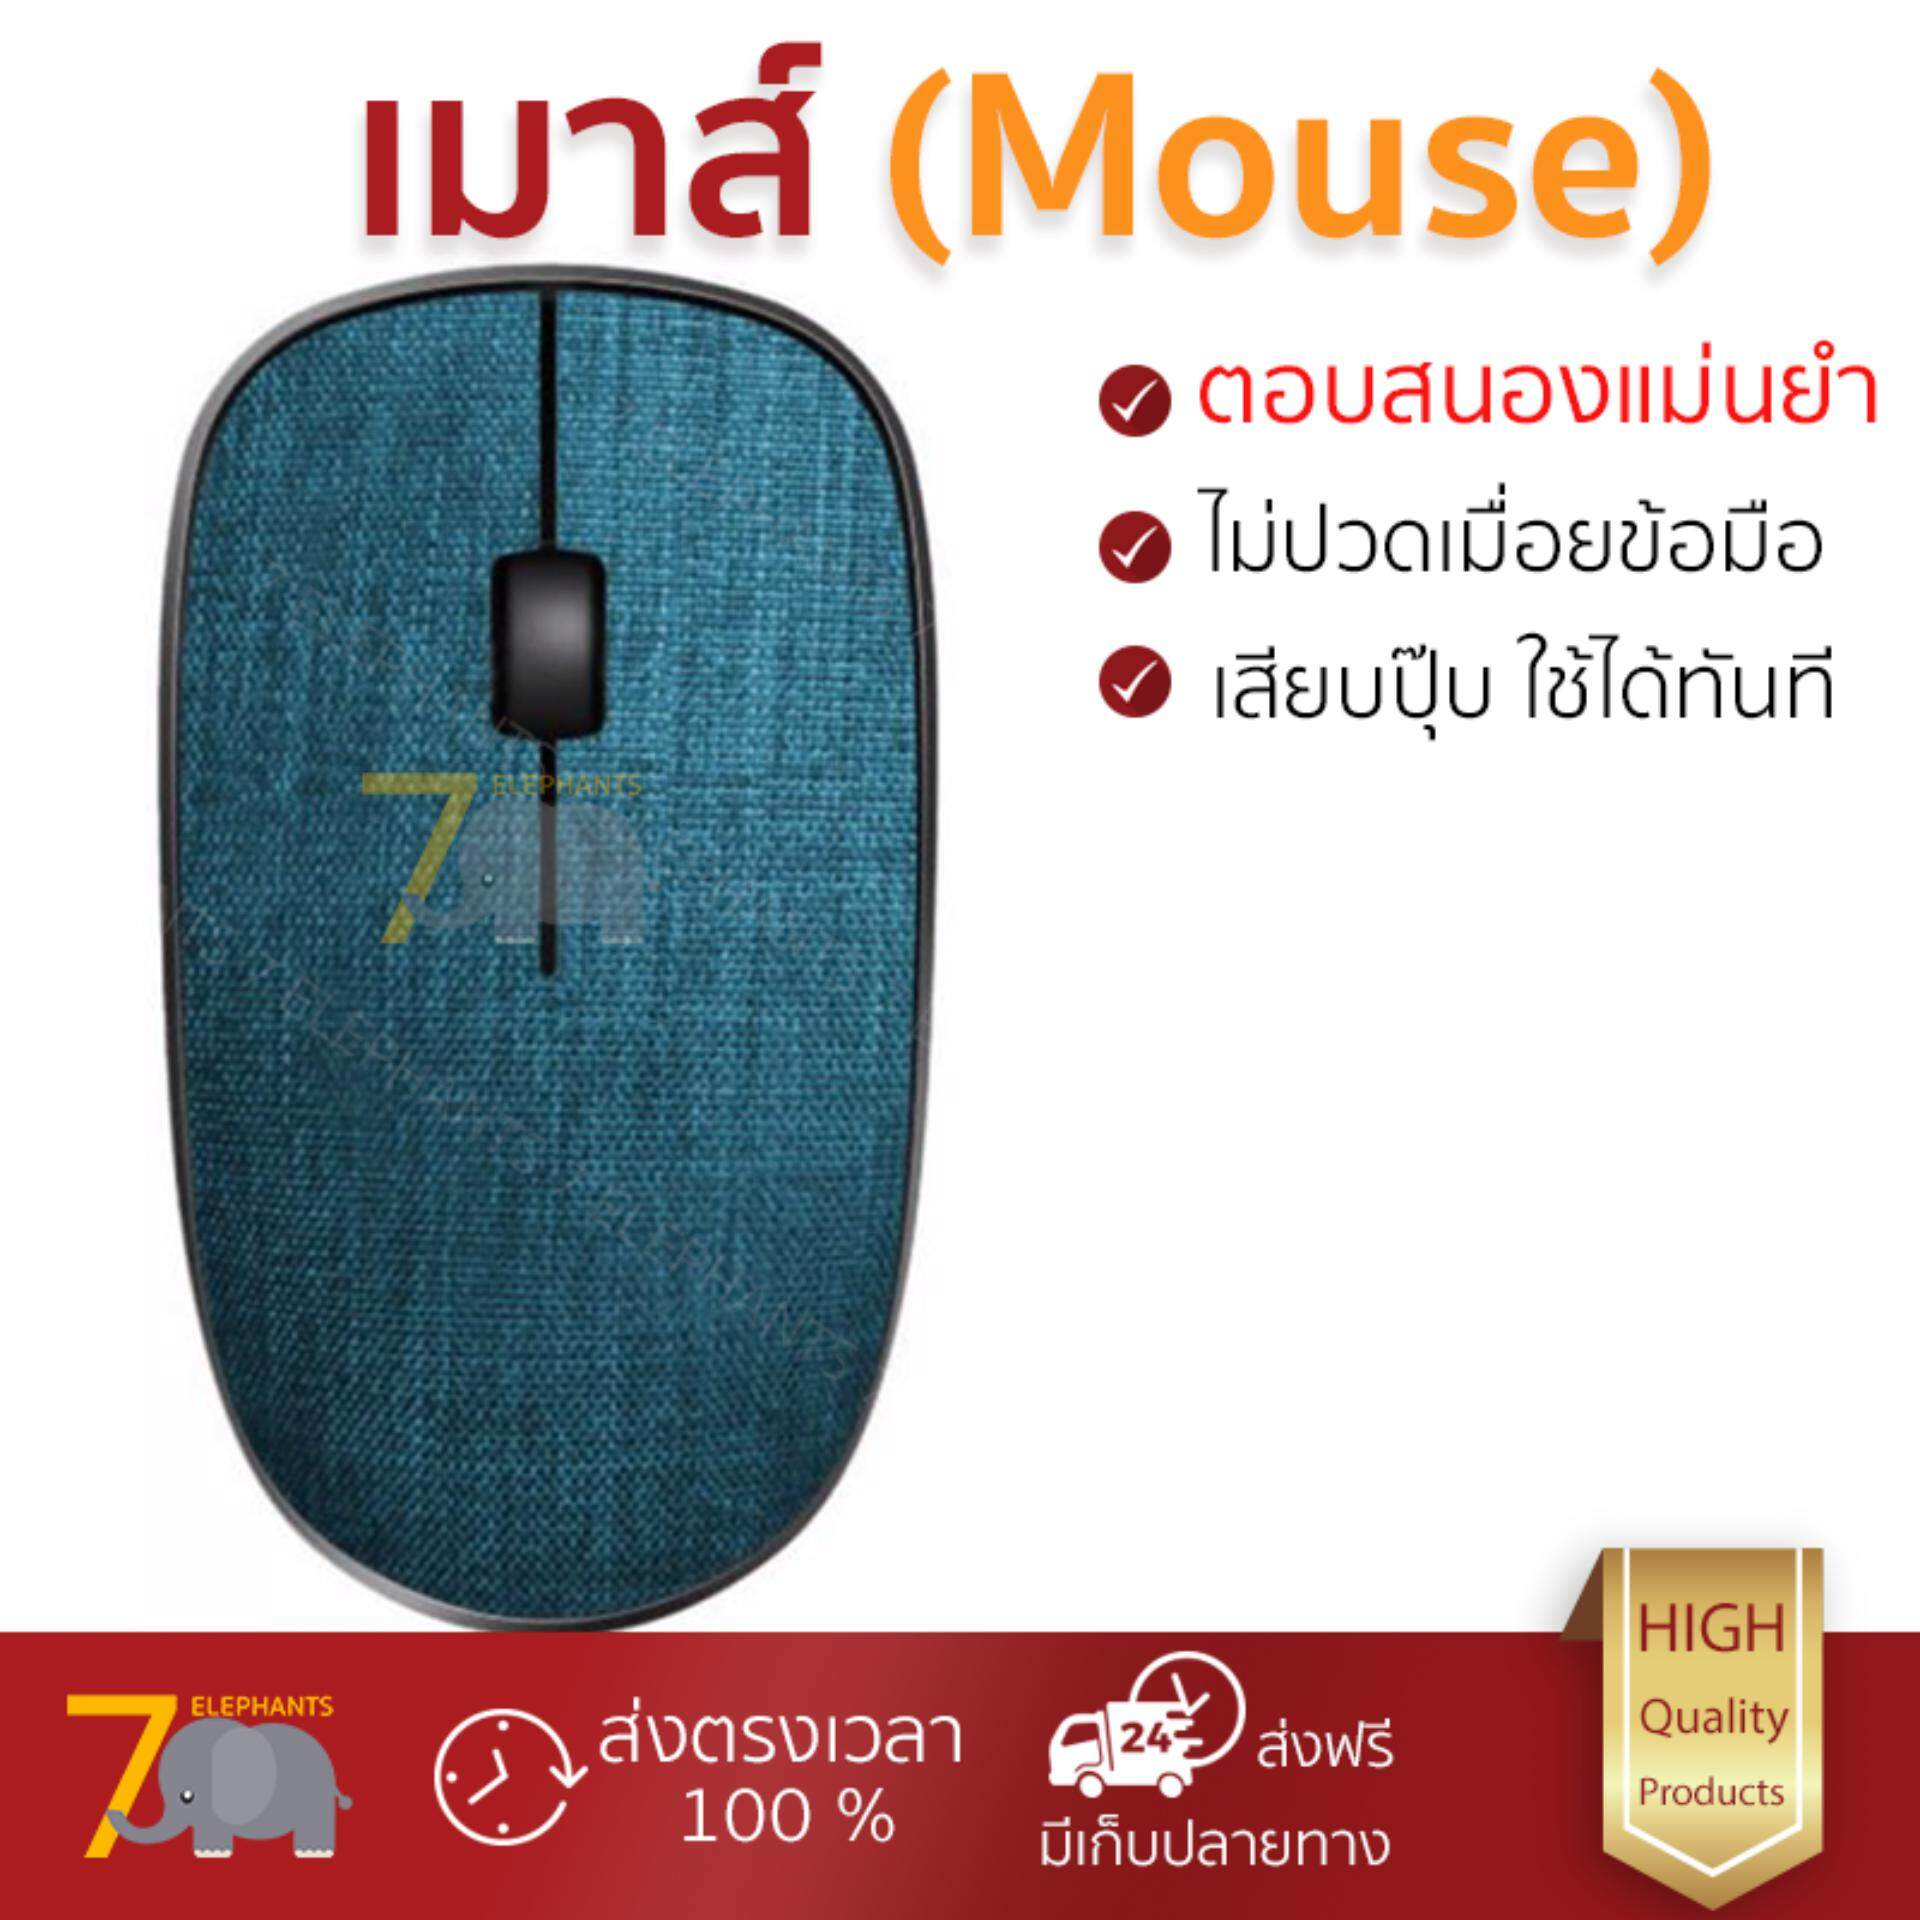 ลดสุดๆ รุ่นใหม่ล่าสุด เมาส์           RAPOO เมาส์ไร้สาย (สีฟ้า) รุ่น MS3510PLUS-BL             เซนเซอร์คุณภาพสูง ทำงานได้ลื่นไหล ไม่มีสะดุด Computer Mouse  รับประกันสินค้า 1 ปี จัดส่งฟรี Kerry ทั่วประ